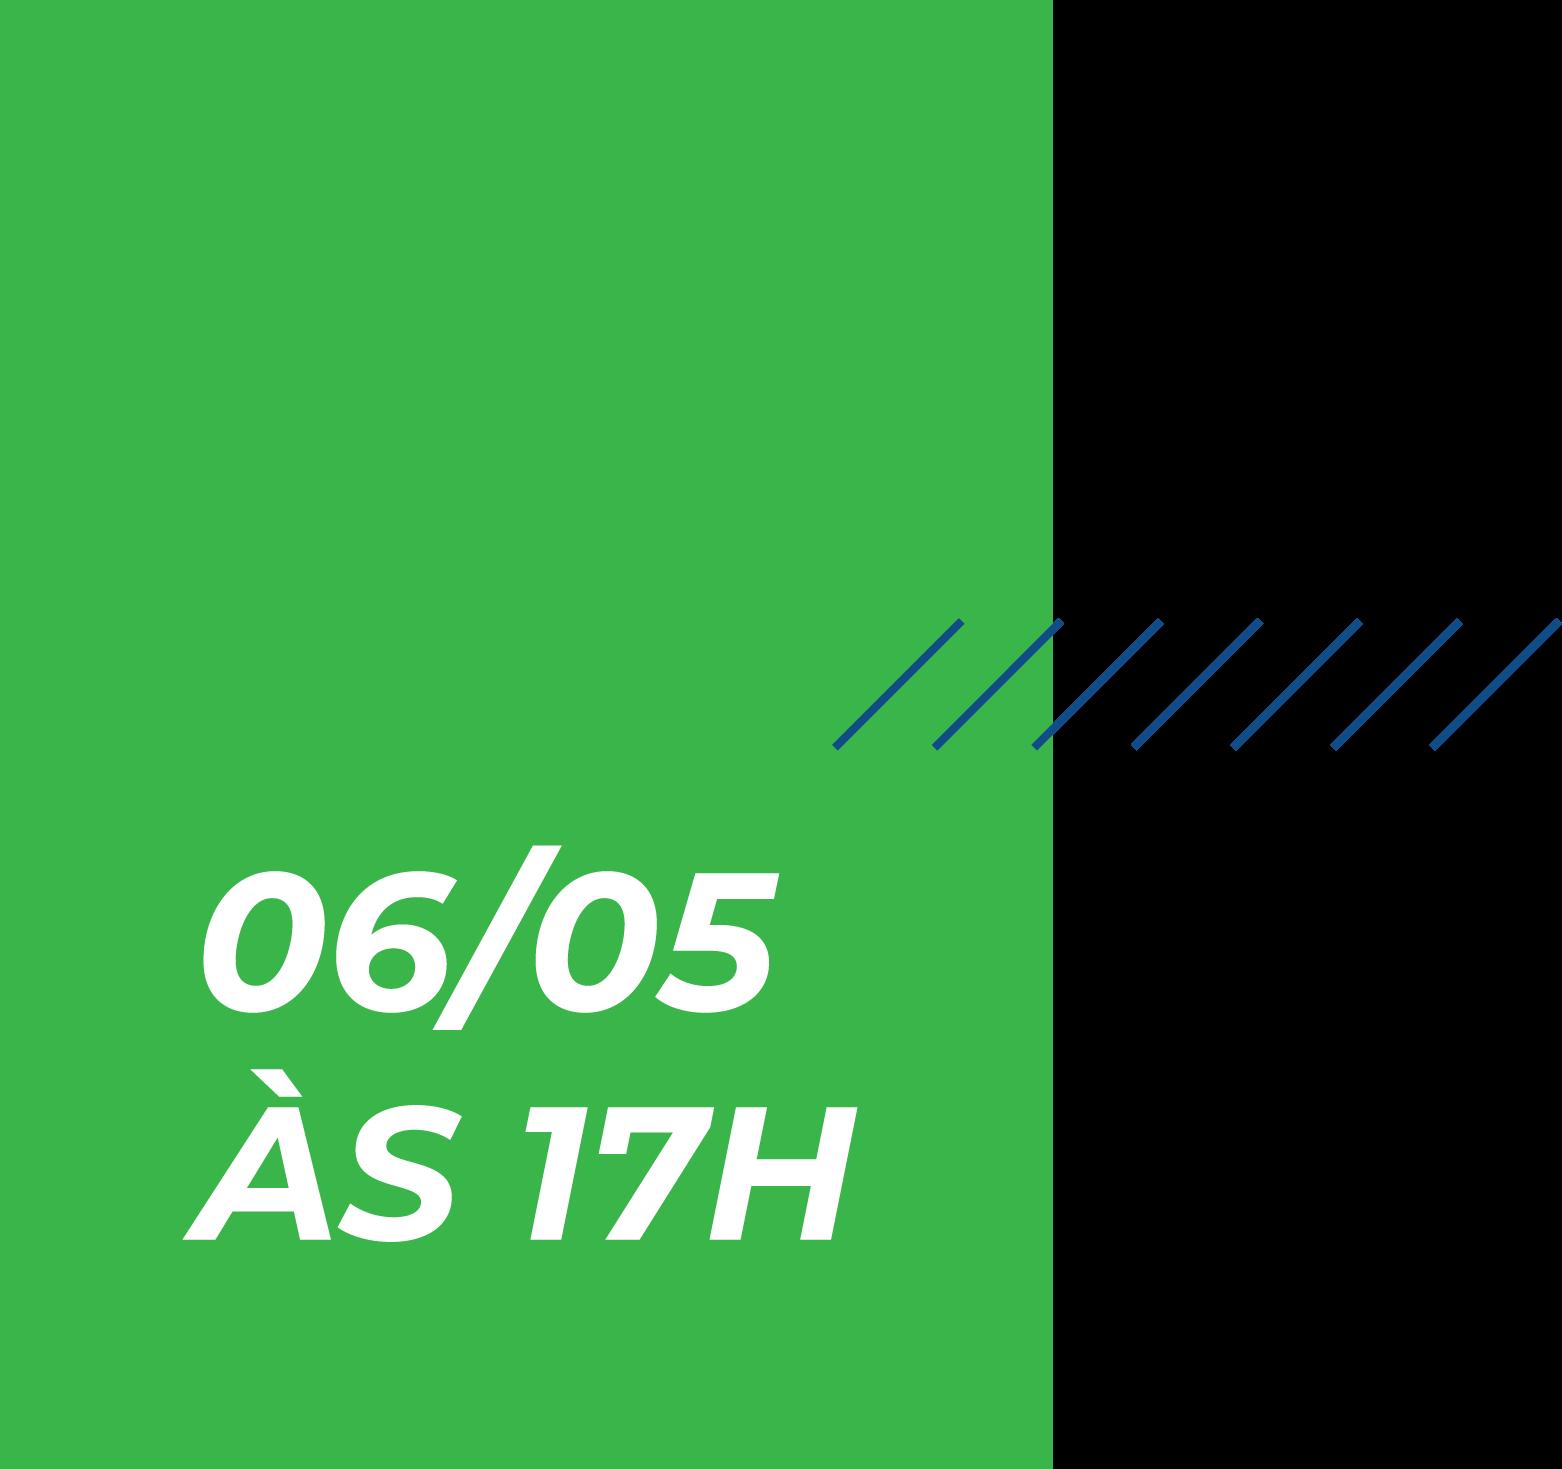 Agenda: 22 de outubro de 2020, às 17h